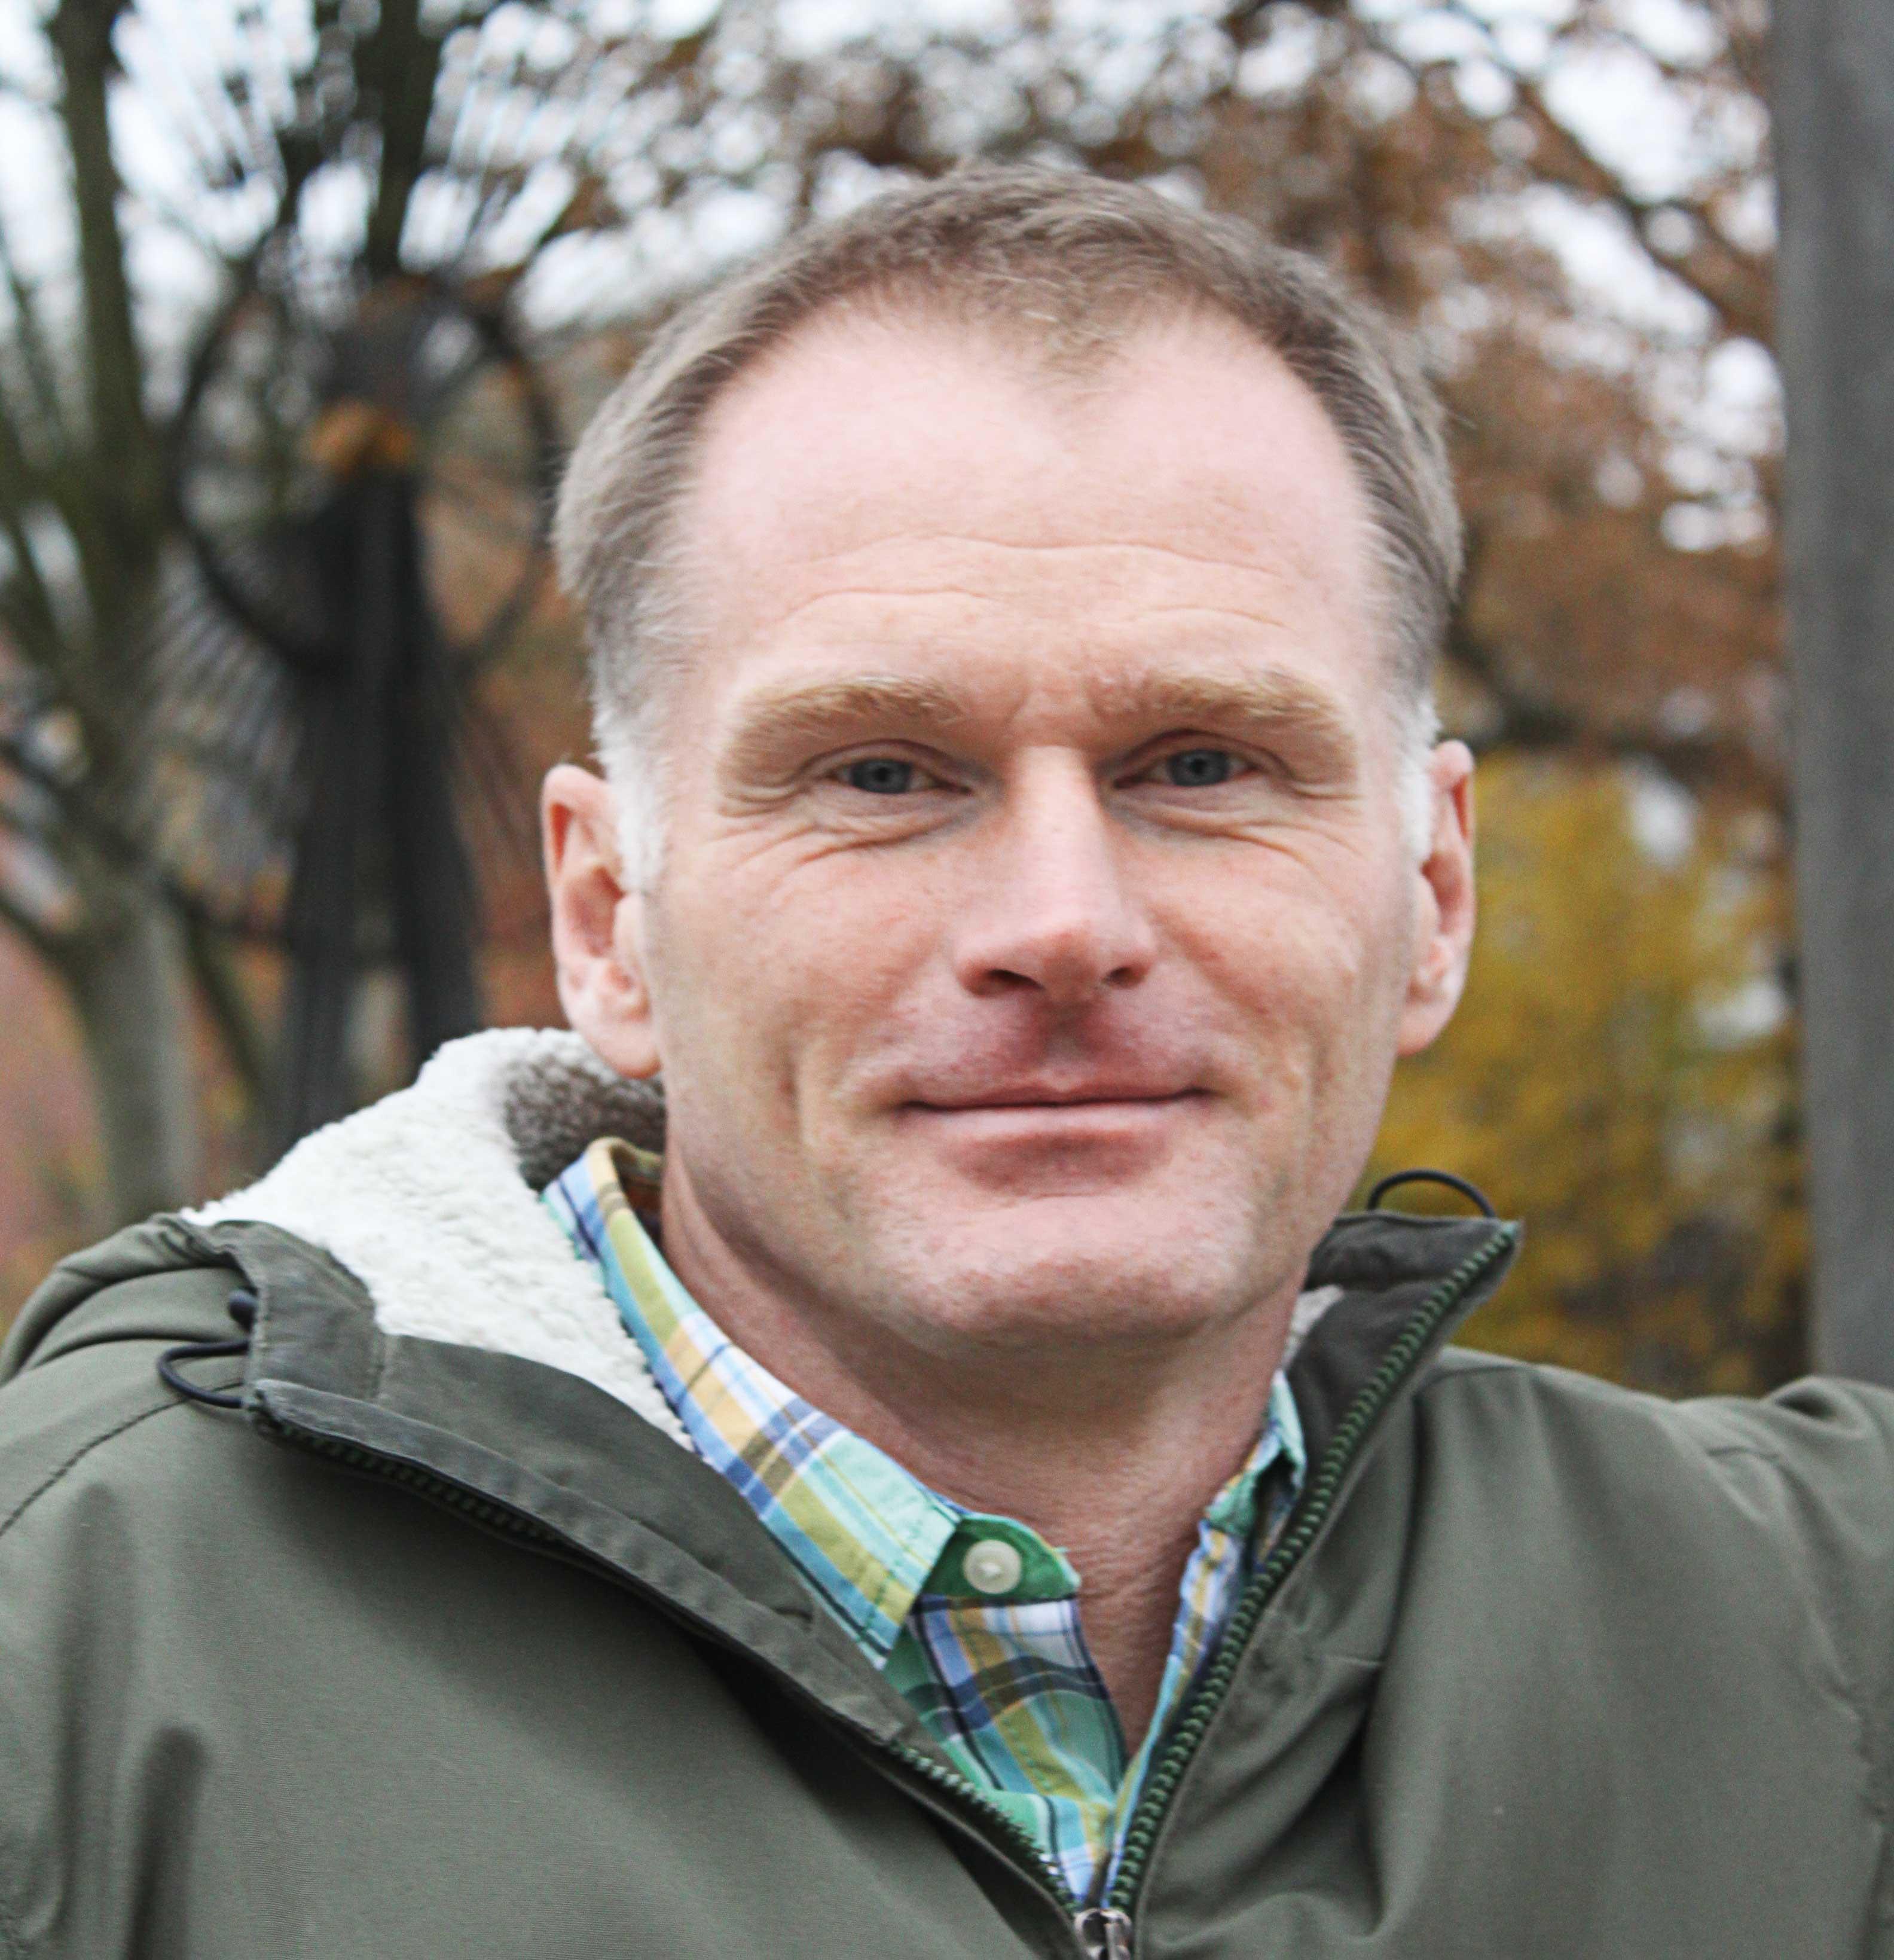 <b>Ernst-Barlach</b>-Gymnasium in Kiel: Christian Stegmann - Ernst-Barlach_Gymnasium_Direktor